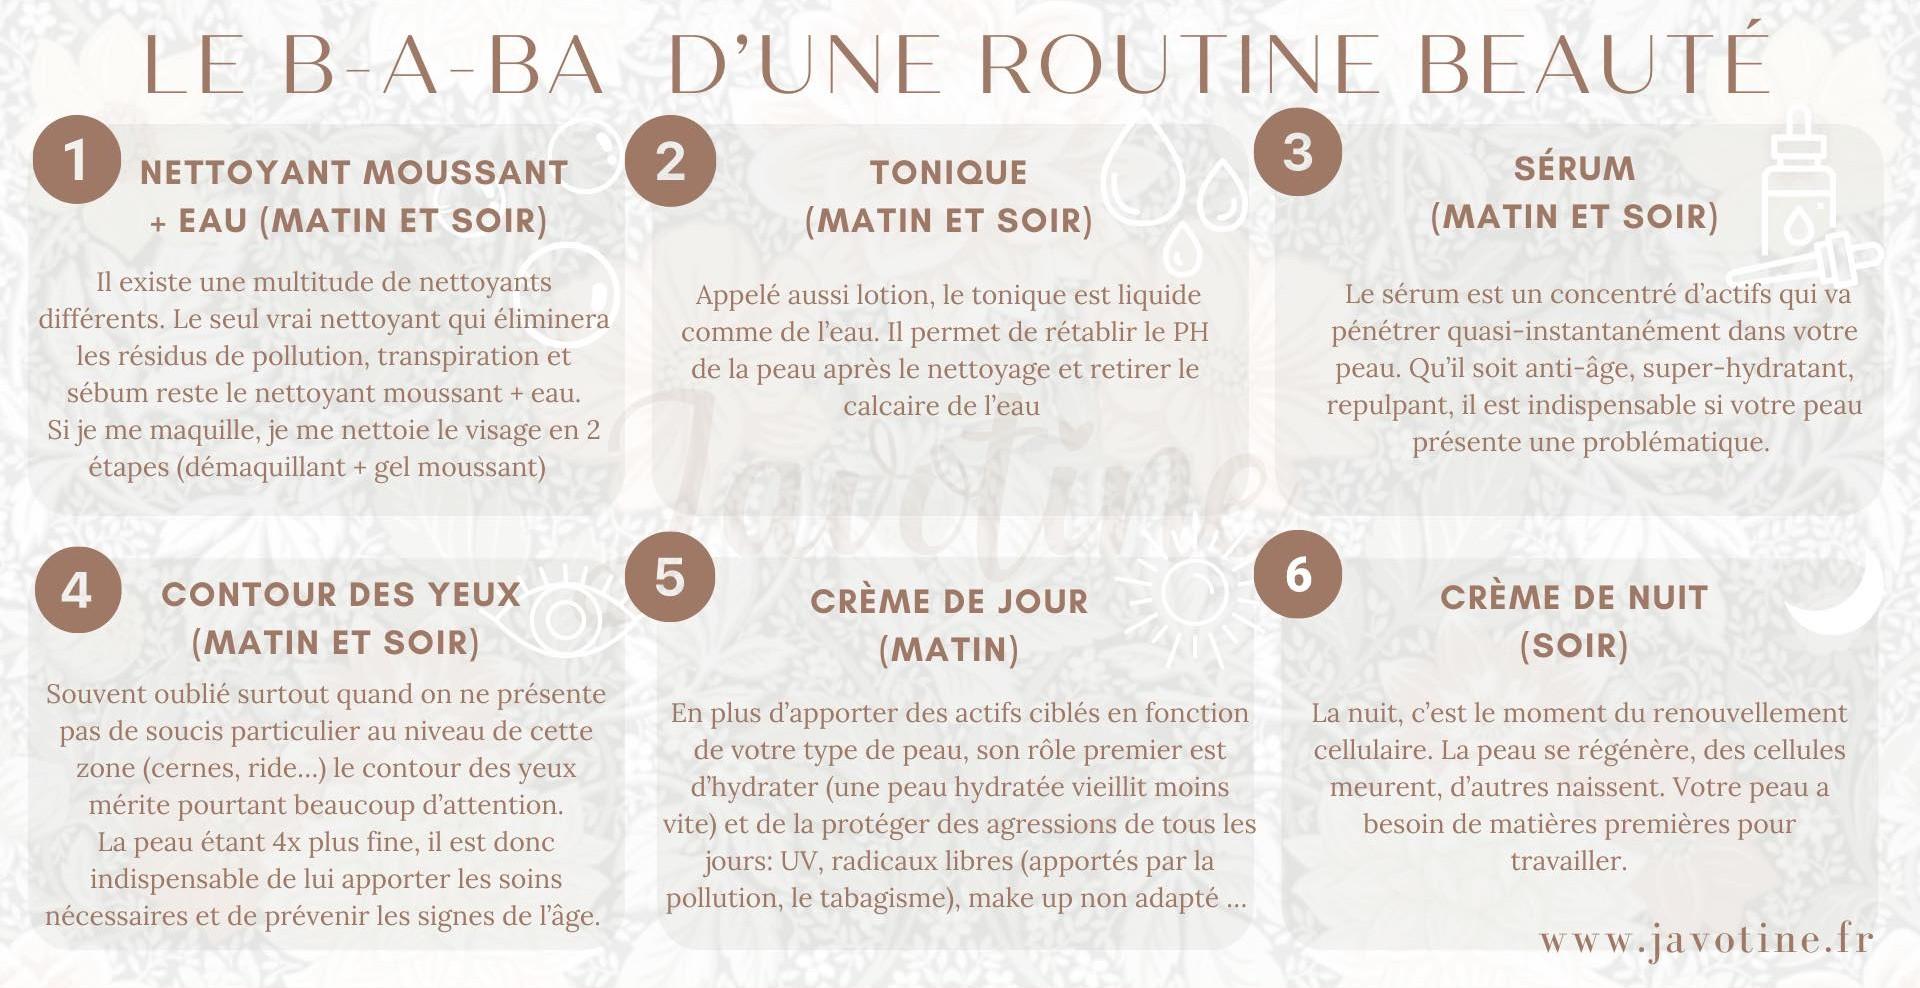 les_etapes_de_la_routine_beaute_javotine.jpg